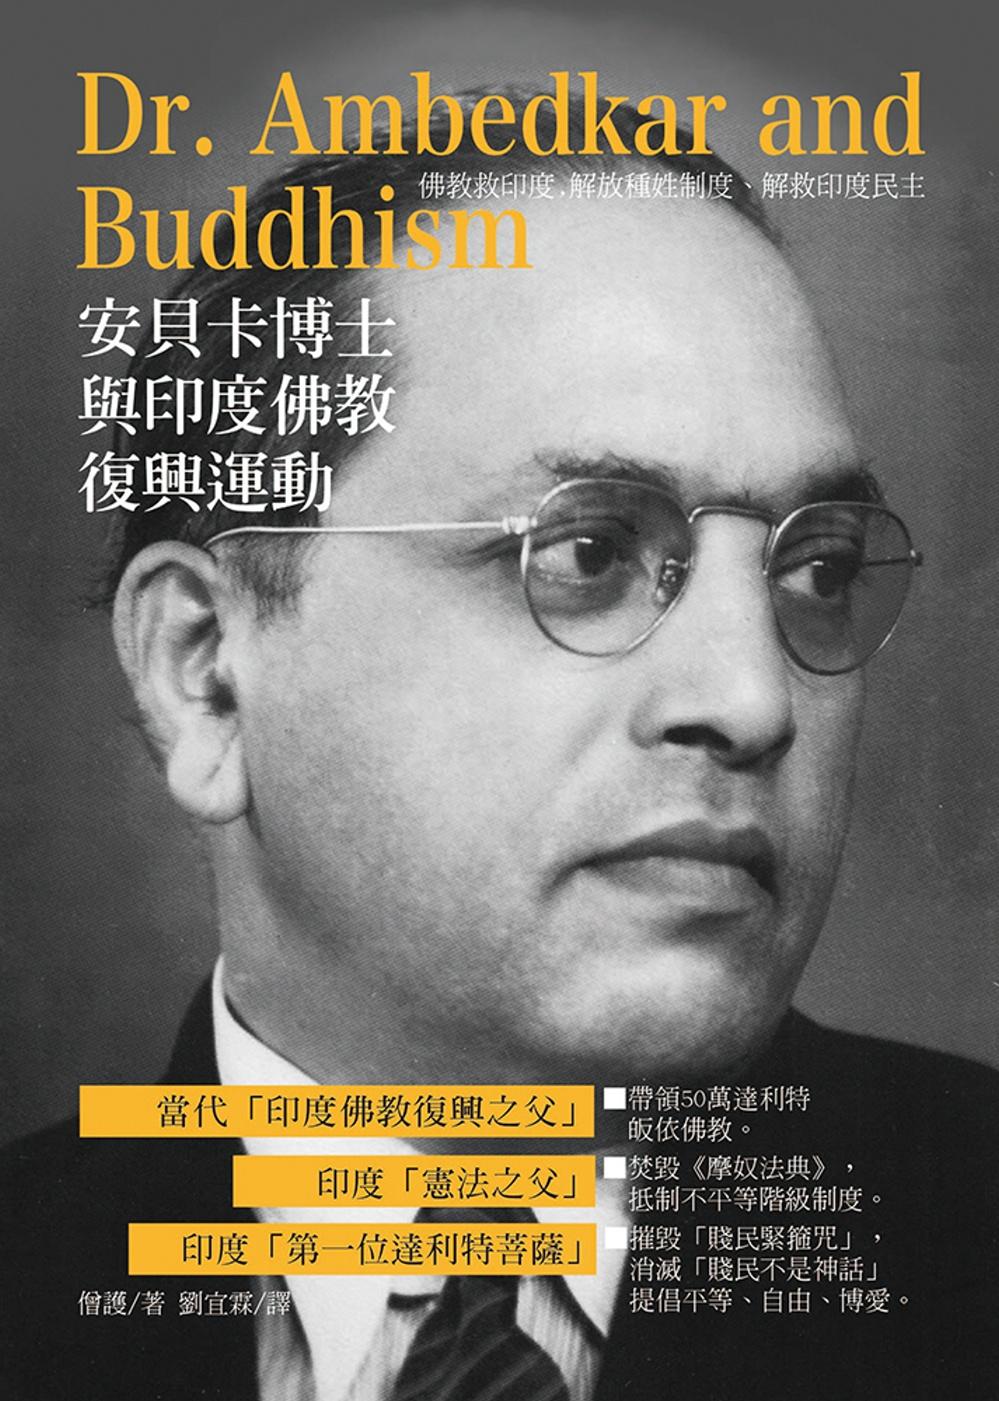 安貝卡博士與印度佛教復興運動:...